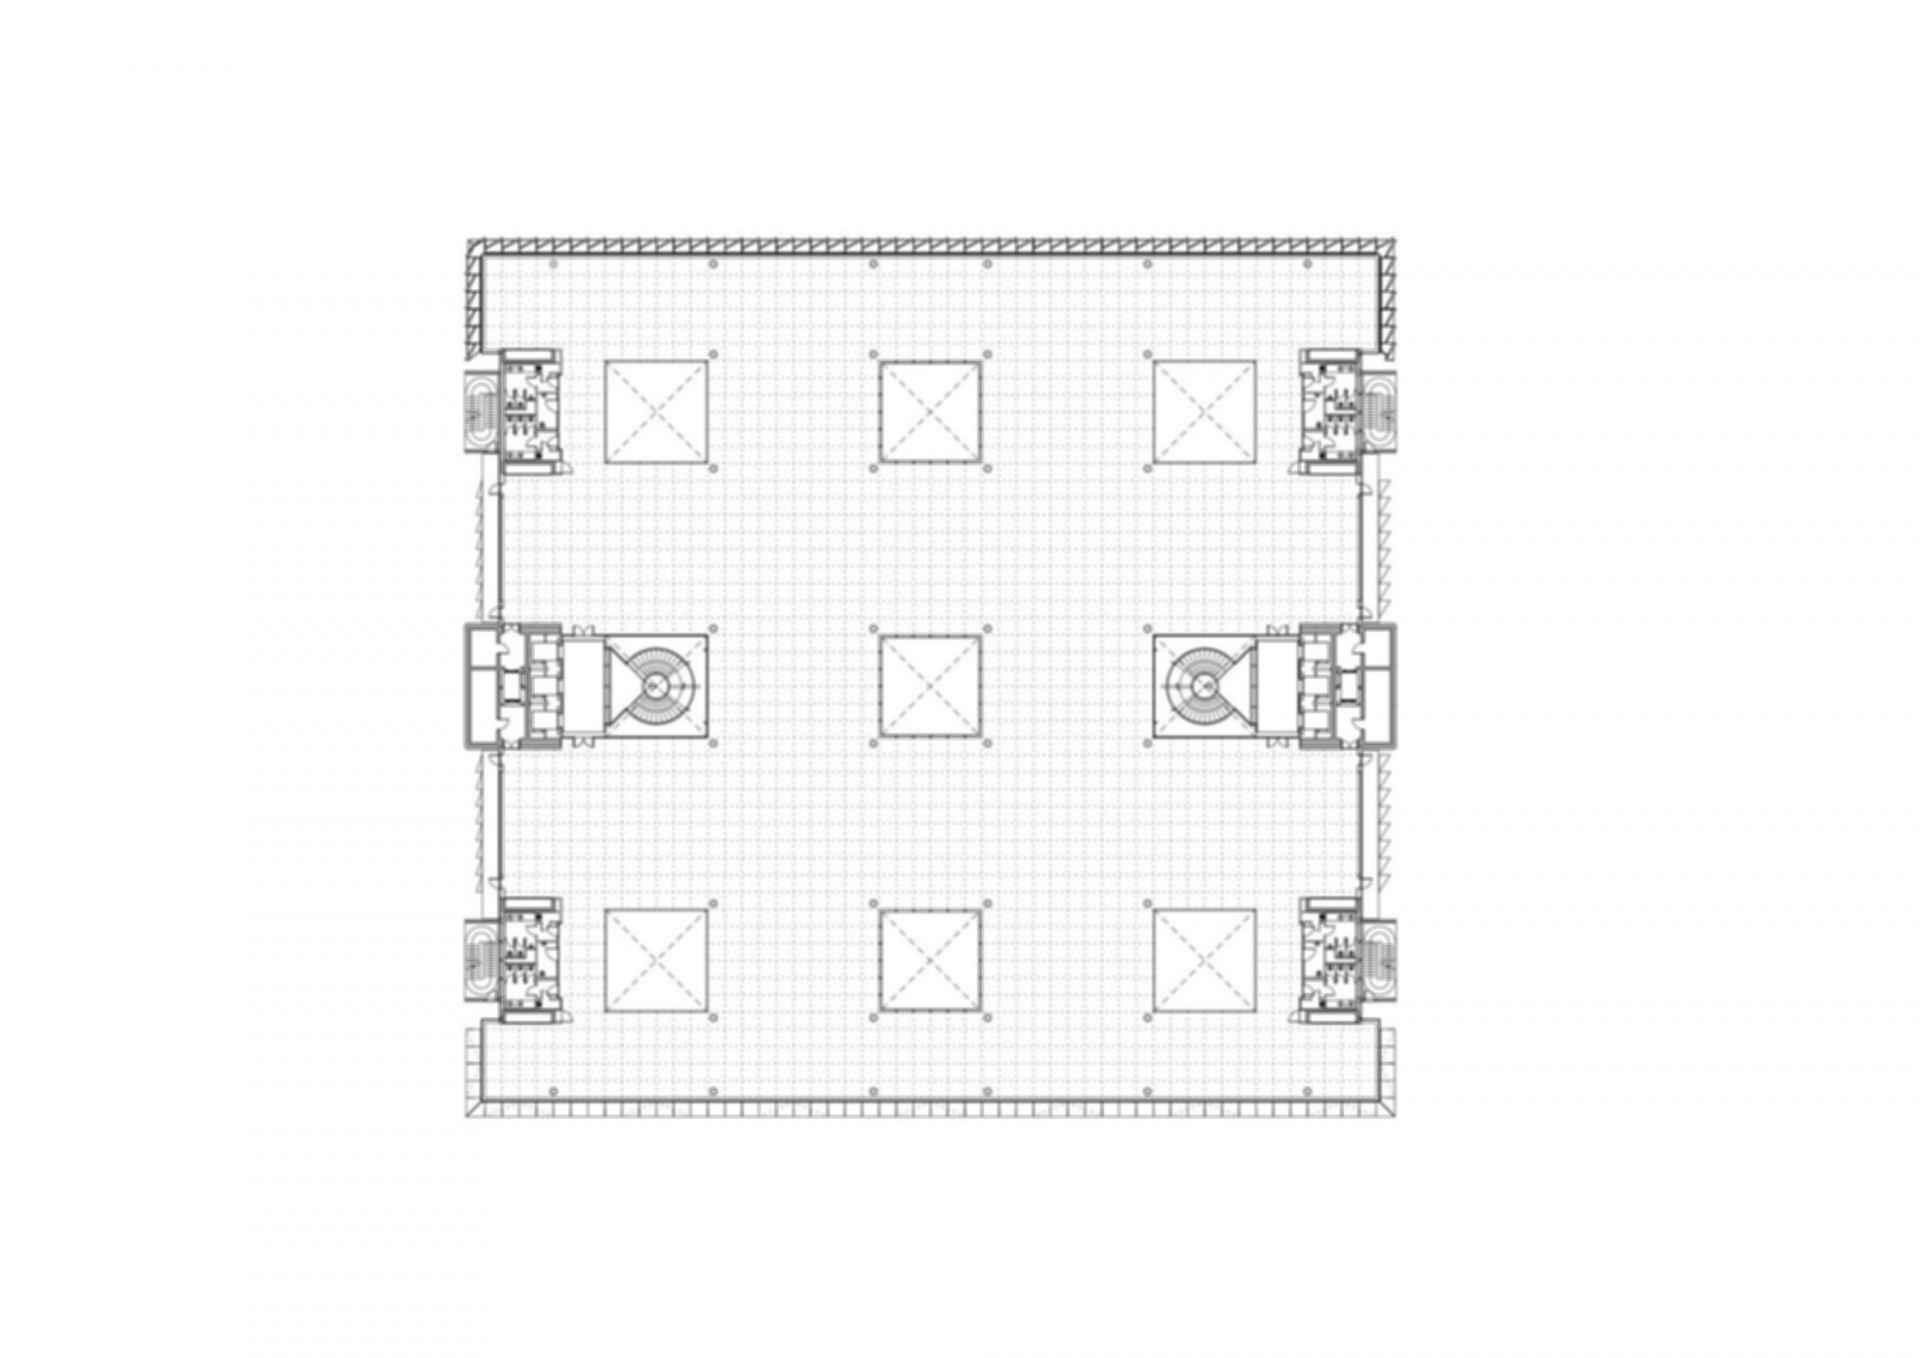 Siemens HQ in Masdar City - Site Plan